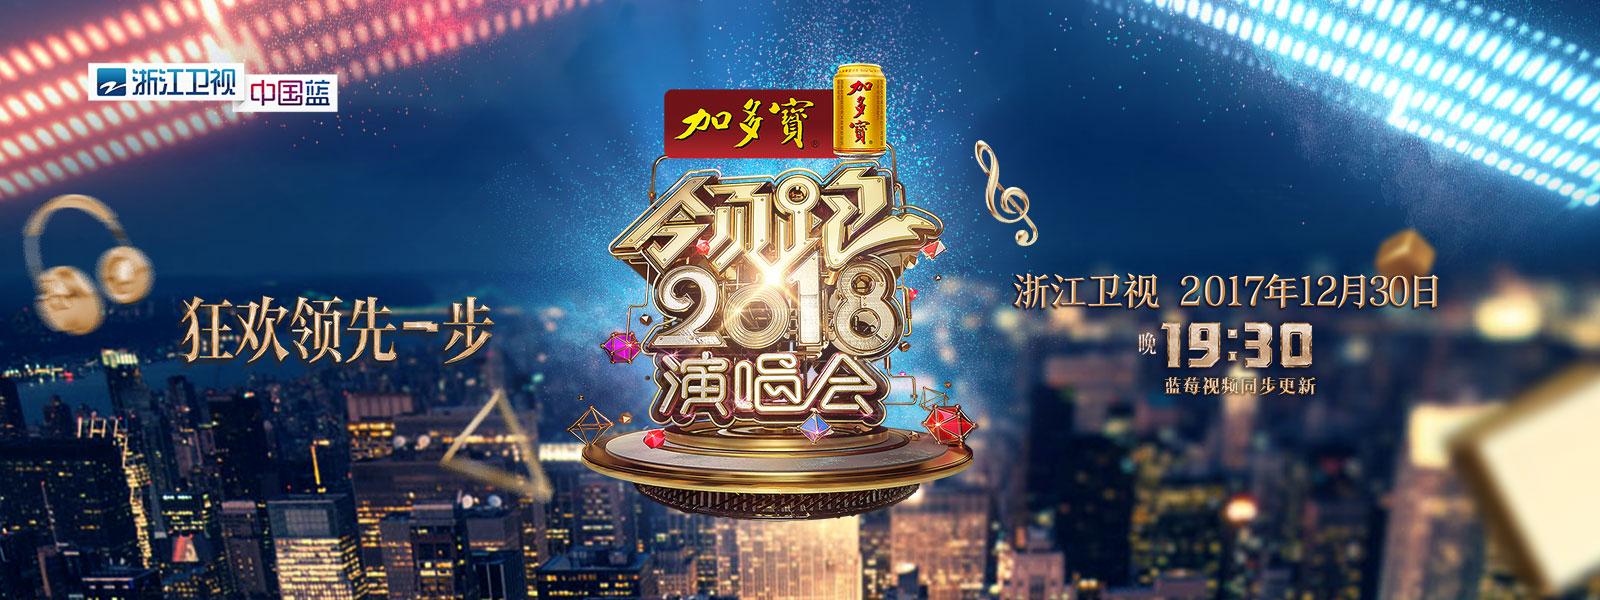 领跑2018演唱会.jpg